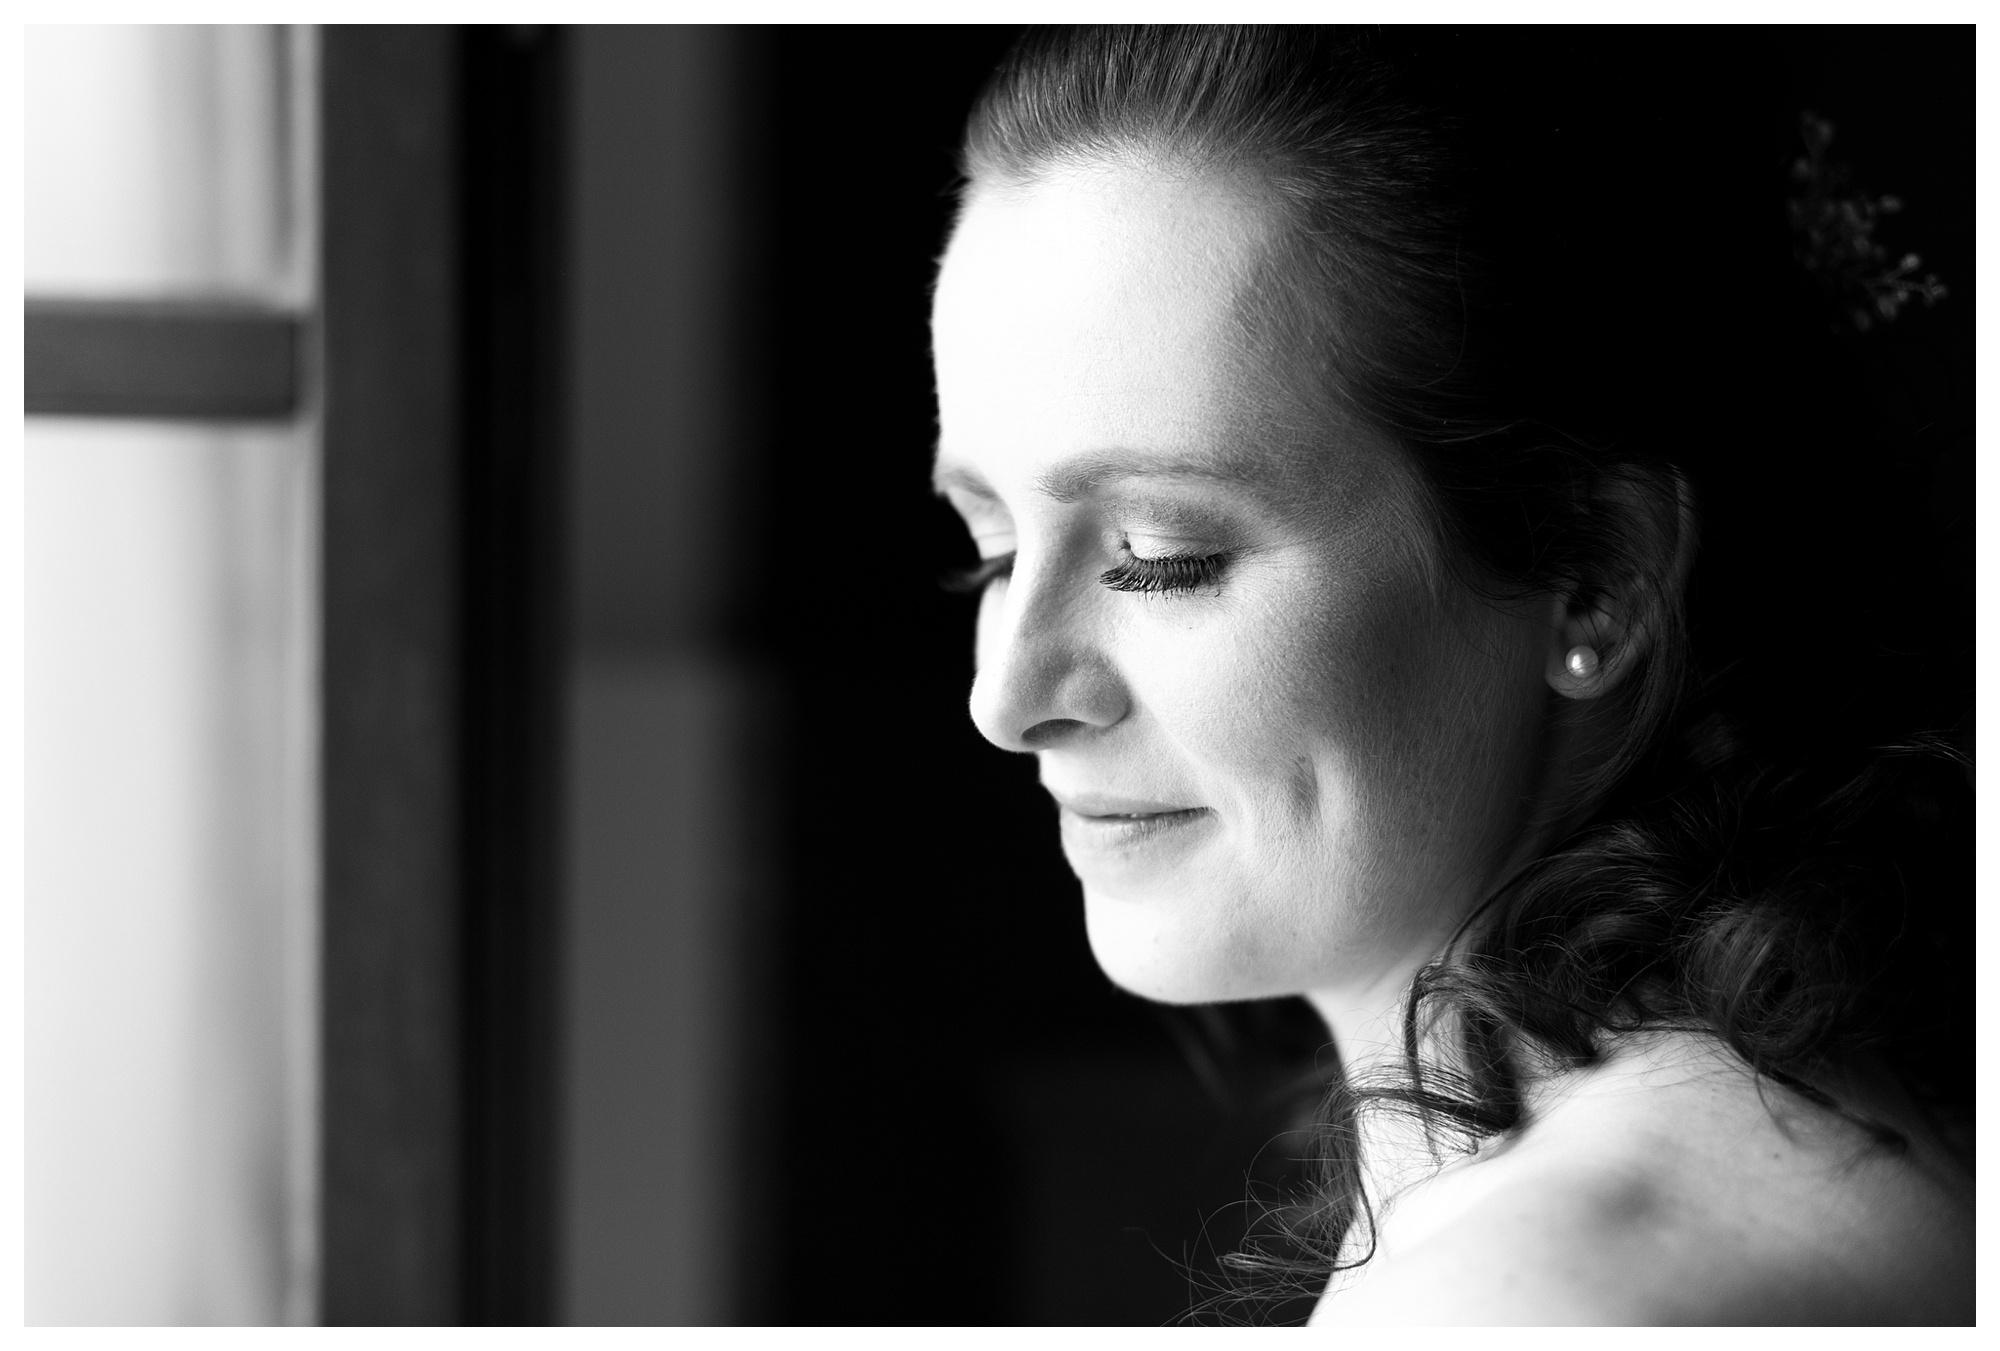 Fotograf Konstanz - Best of 2014 Elmar Feuerbacher Photography Hochzeit Portrait 018 - Rückblick auf 2014  - 4 -